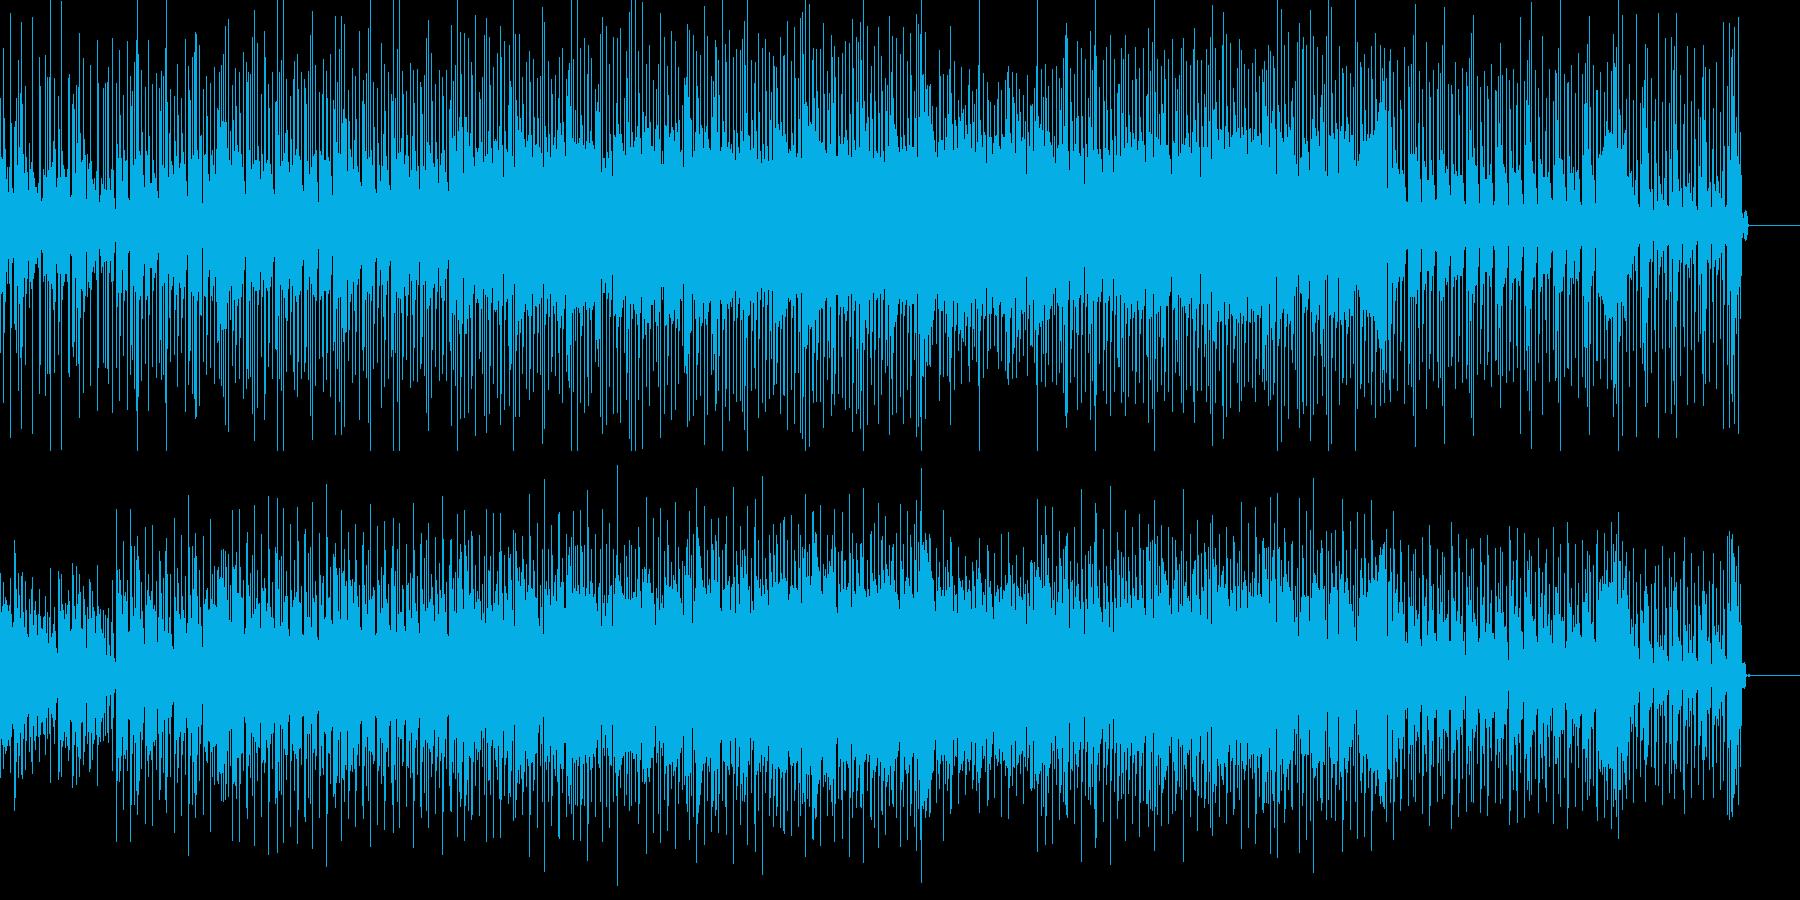 怪しげなギターリフと小気味好いリズムの曲の再生済みの波形